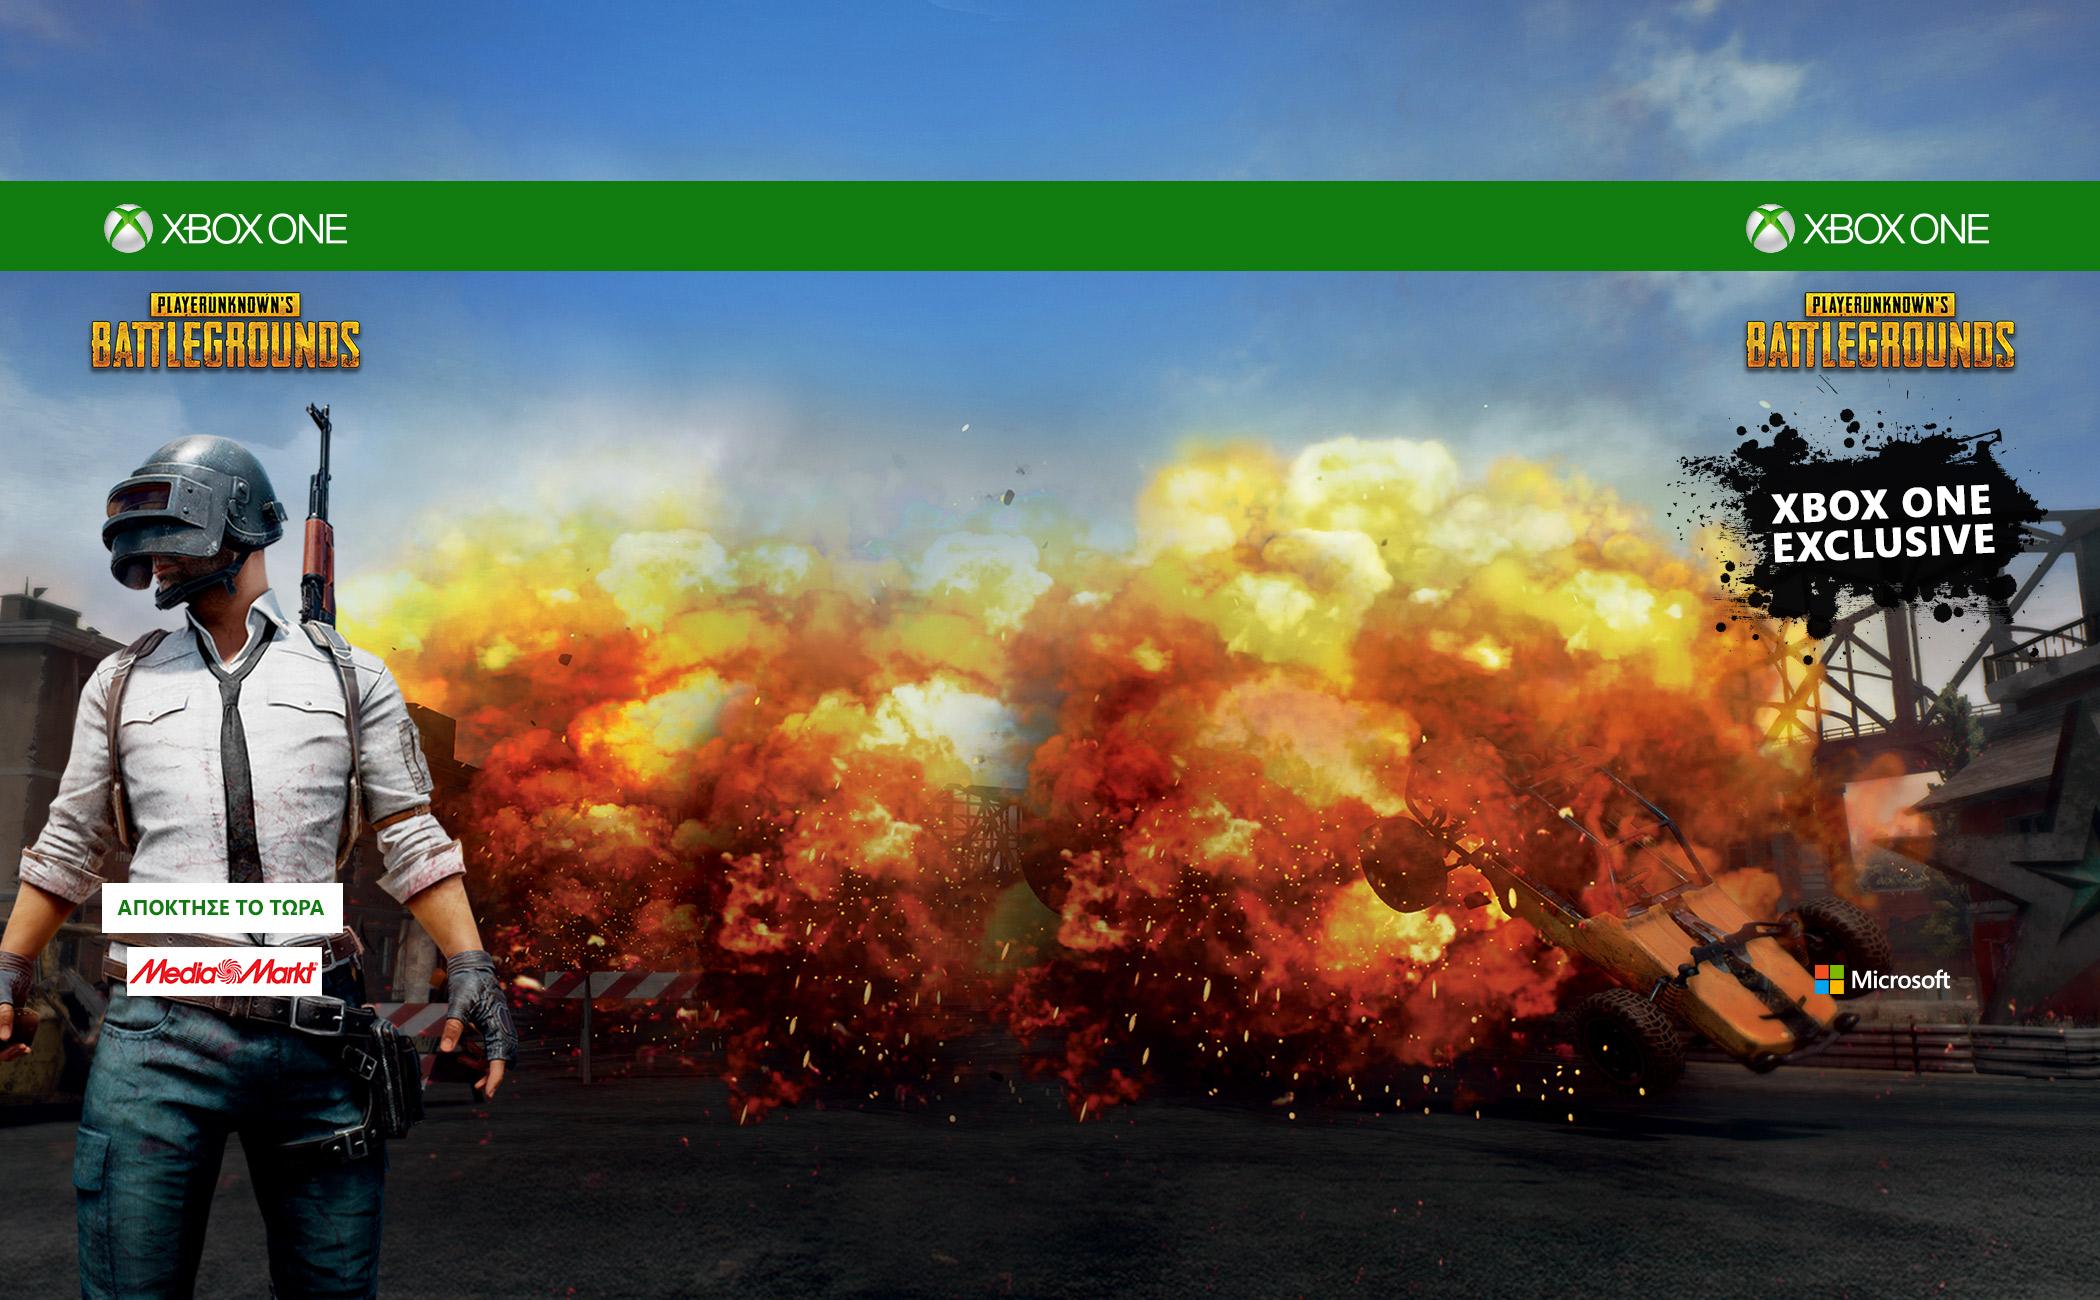 Background Skin Ad (Microsoft)